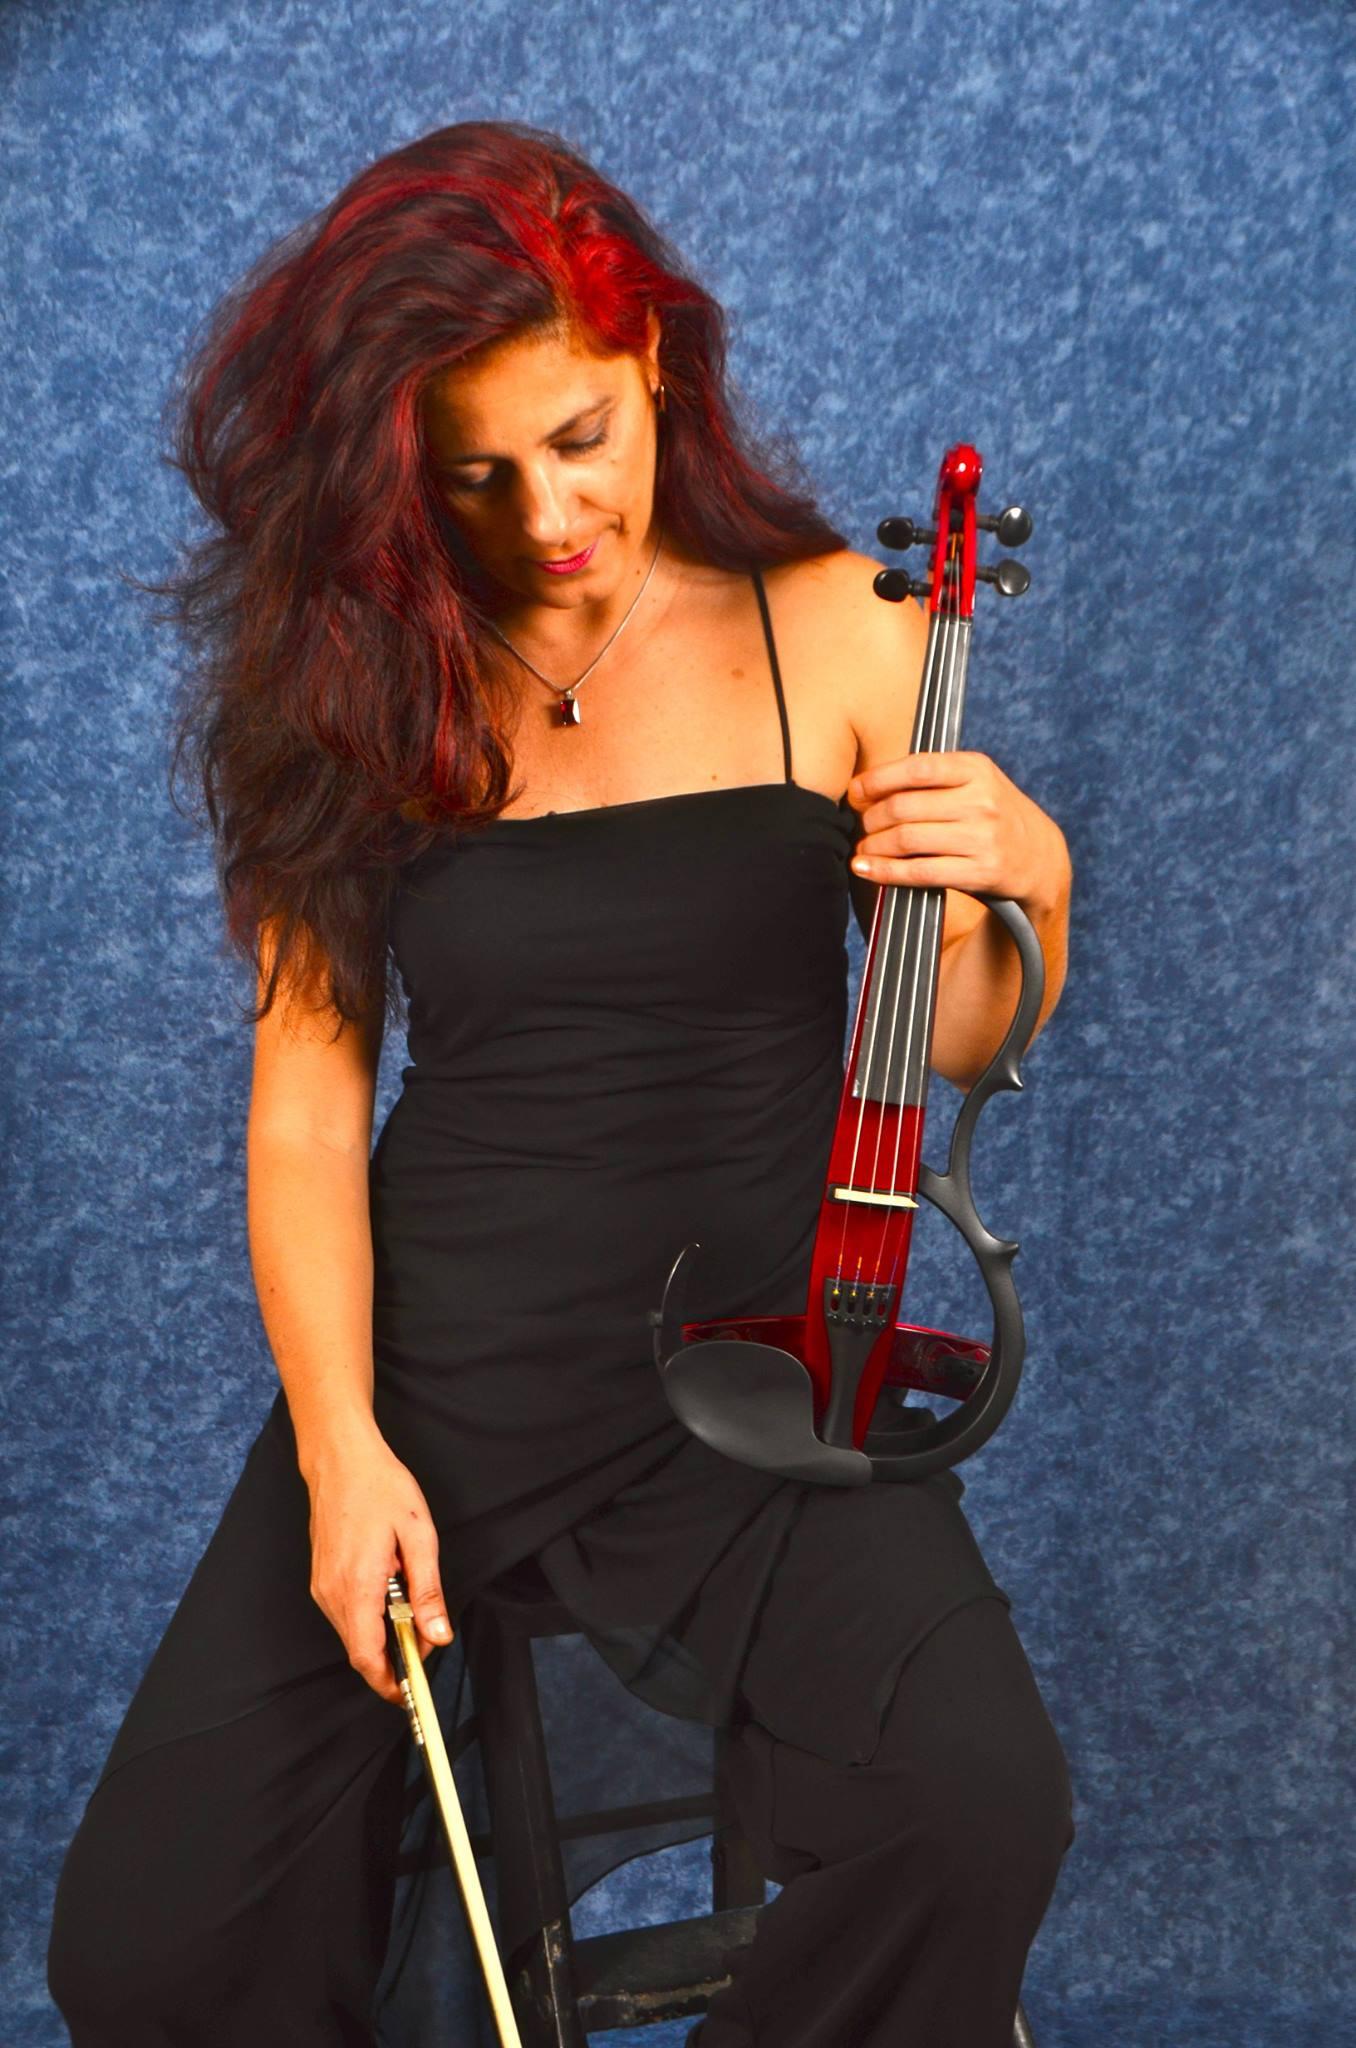 Soriana Ivaniv, wedding violinist in Mallorca